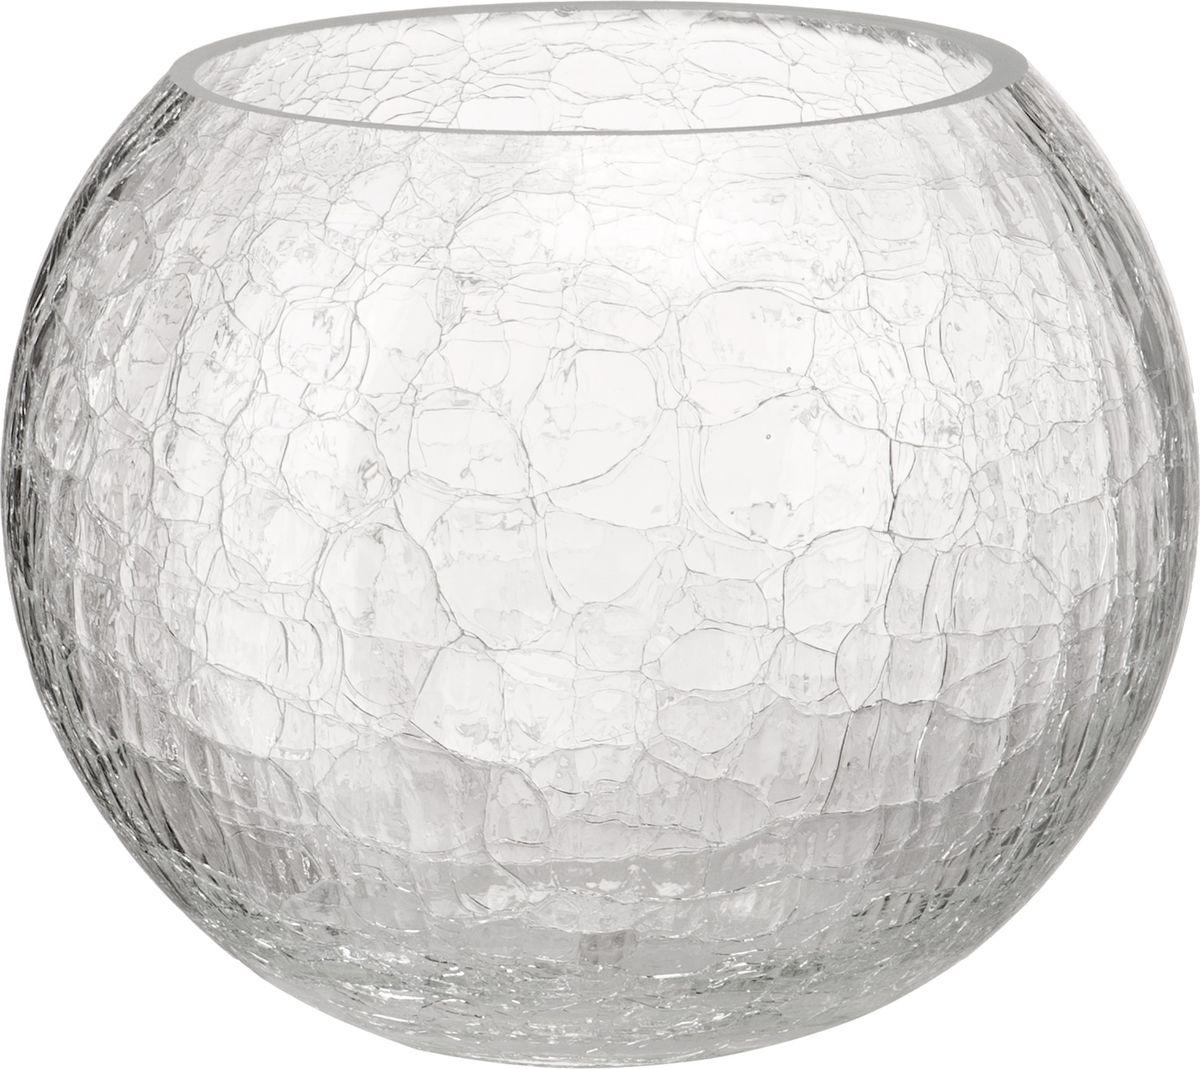 В современном мире ваза является неотъемлемым предметом украшения и декора интерьера создавая уют и гармонию в пространстве. Стеклянная ваза в форме шара высотой 16 см, выполненная в уникальной технике кракле. Кракле - узор из тонких трещинок на глазурованной поверхности. Ваза притягивает к себе взгляд за счет преломления света в микротрещинках. Изделие станет не только оригинальным элементом декора, но прекрасно справится со своим прагматичным назначением - станет отличным сосудом для цветочного букета.